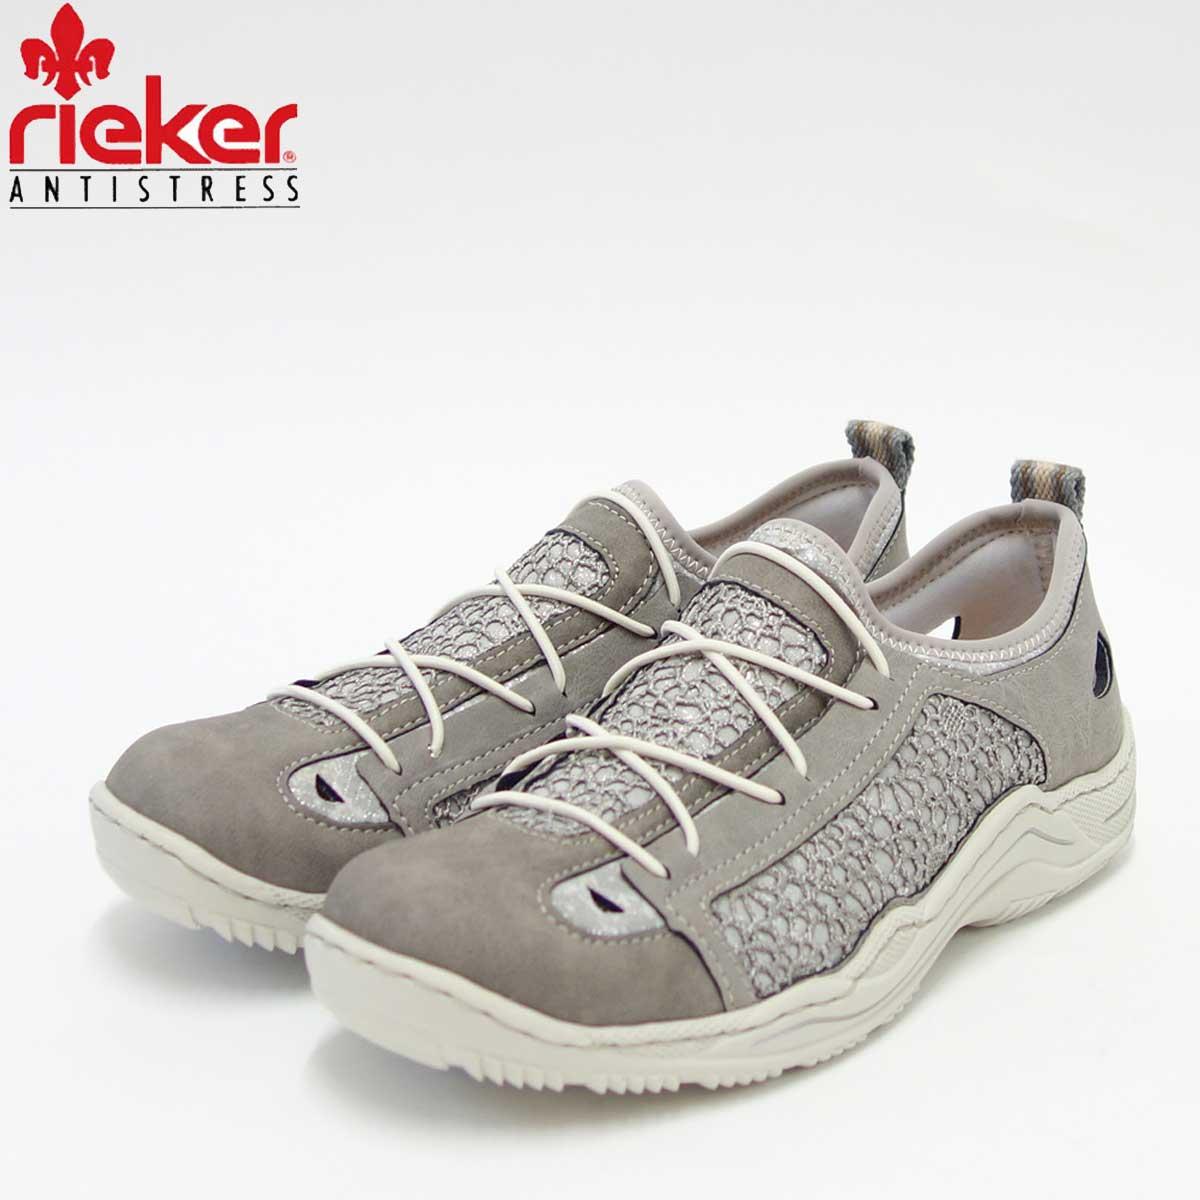 rieker リーカー 0571 43 グレーコンビクッション性の良いお洒落スニーカー「靴」